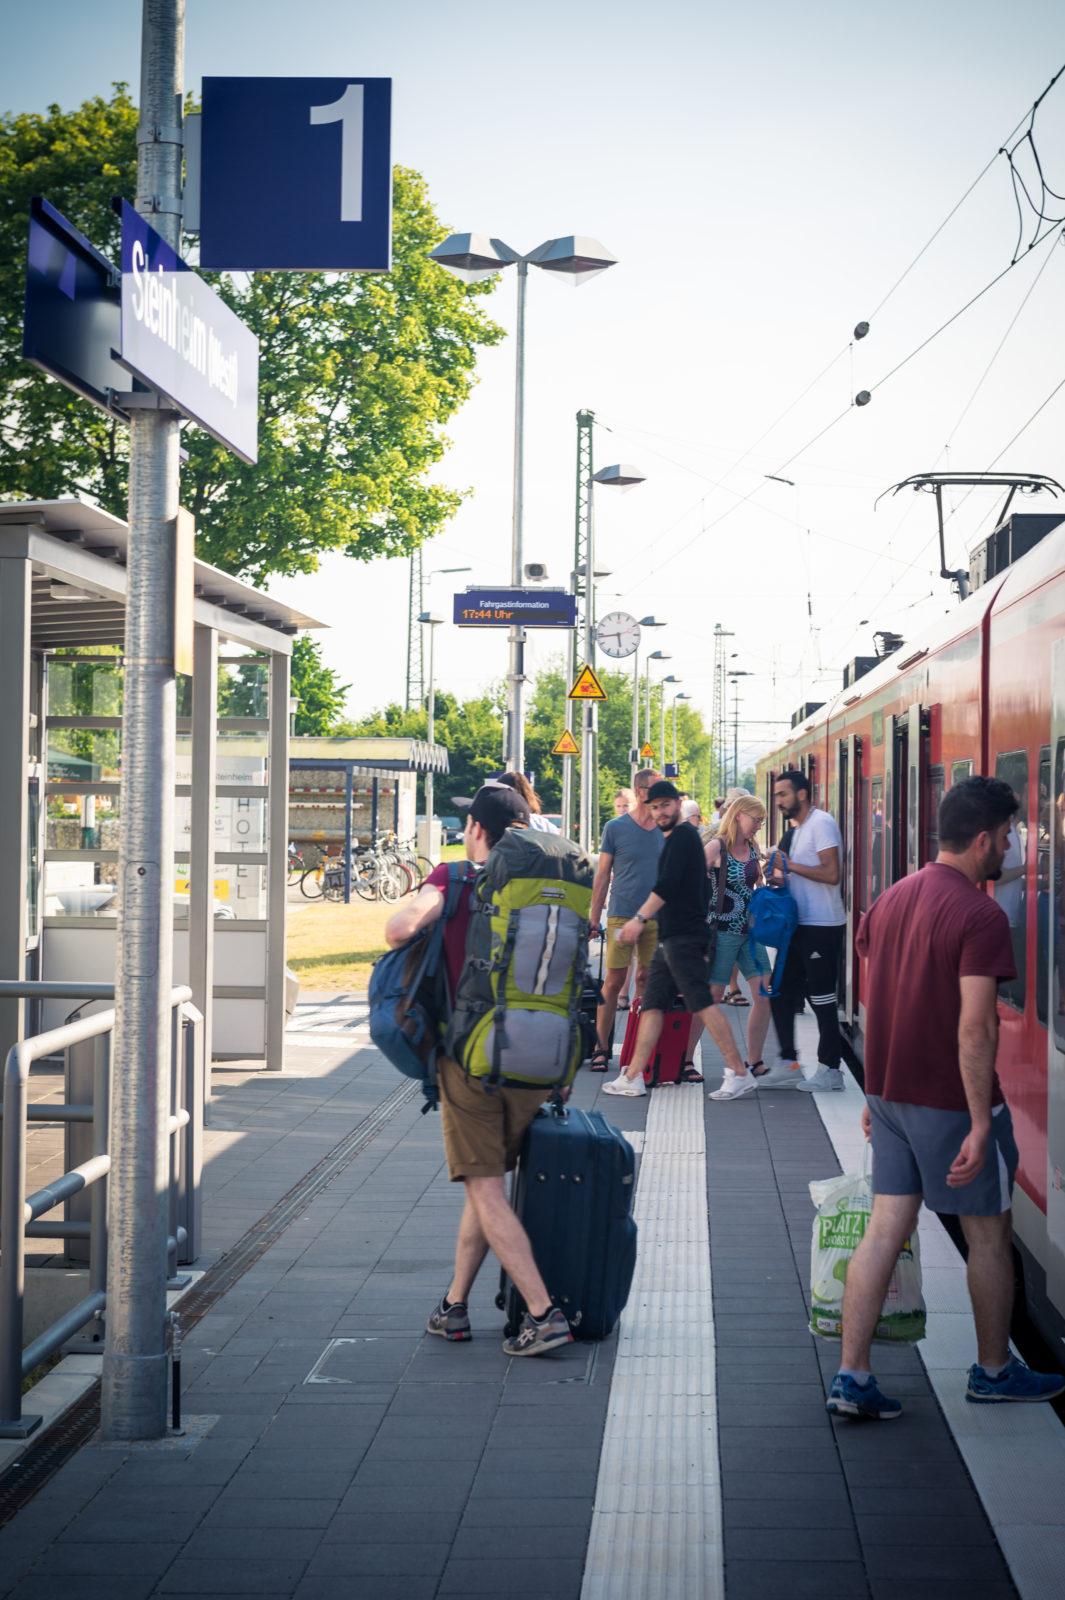 Bahnhof Steinheim (Westfalen) - Bahnhof des Jahres 2016